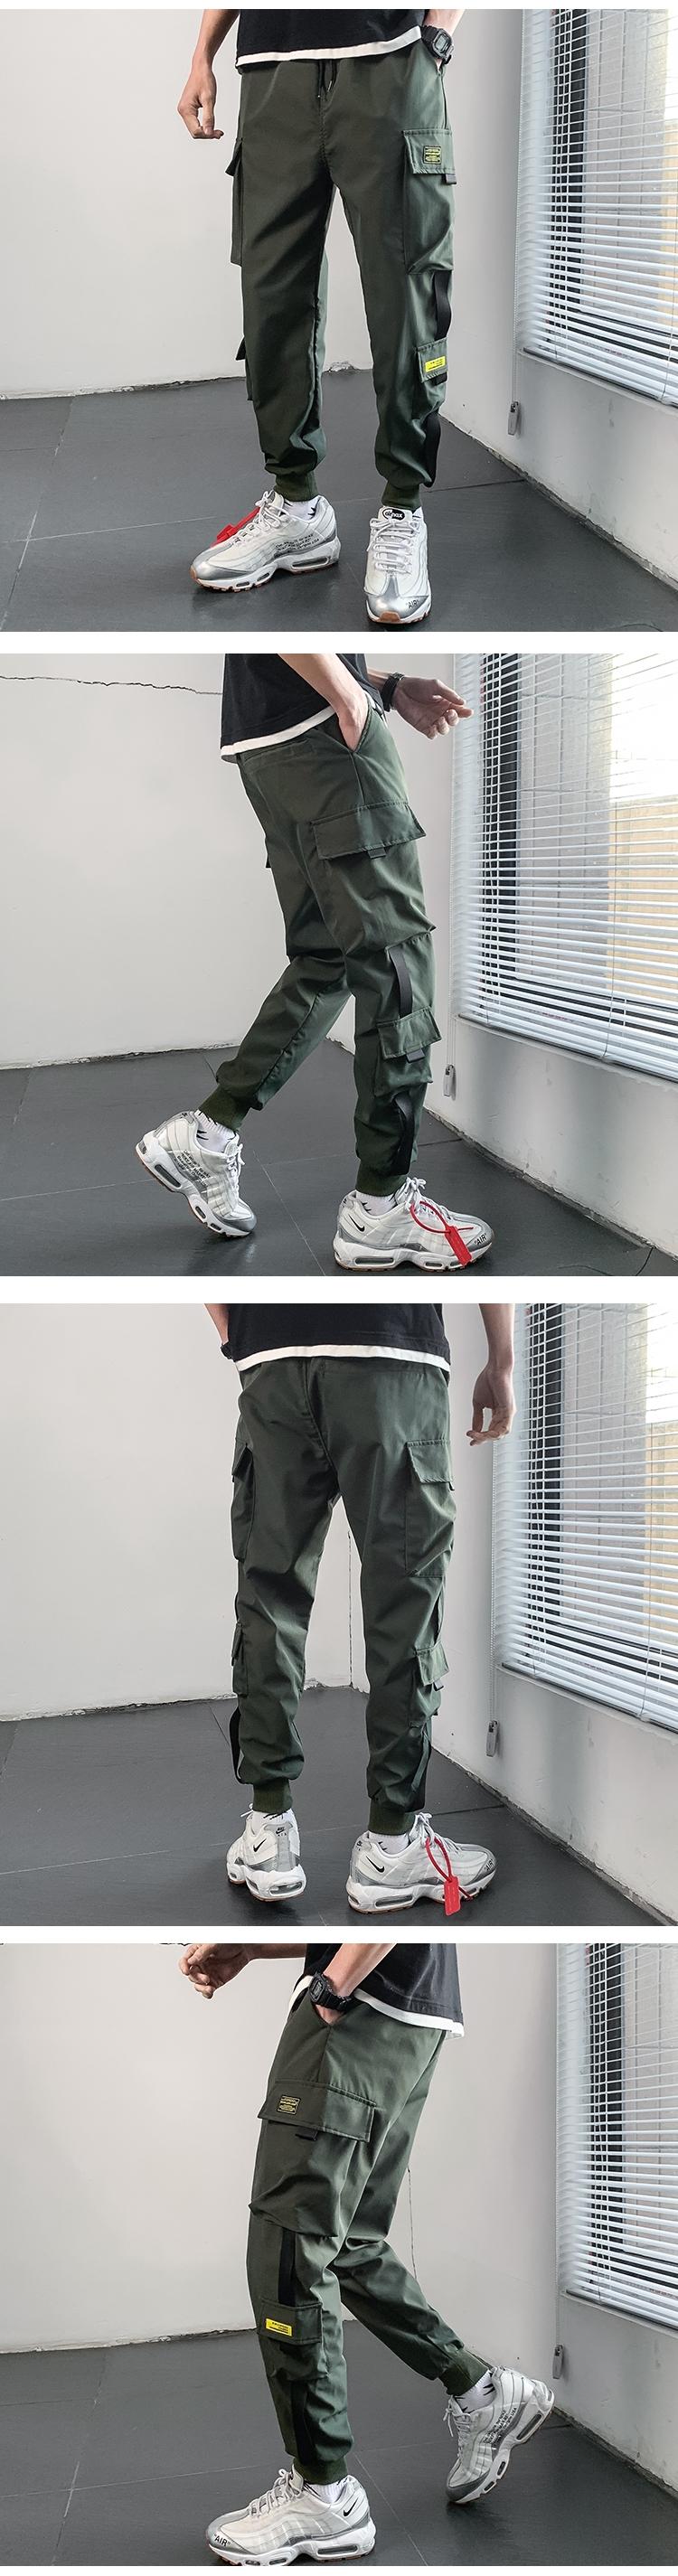 春款男休闲裤束脚裤运动裤哈伦裤九分裤工装长裤 K15